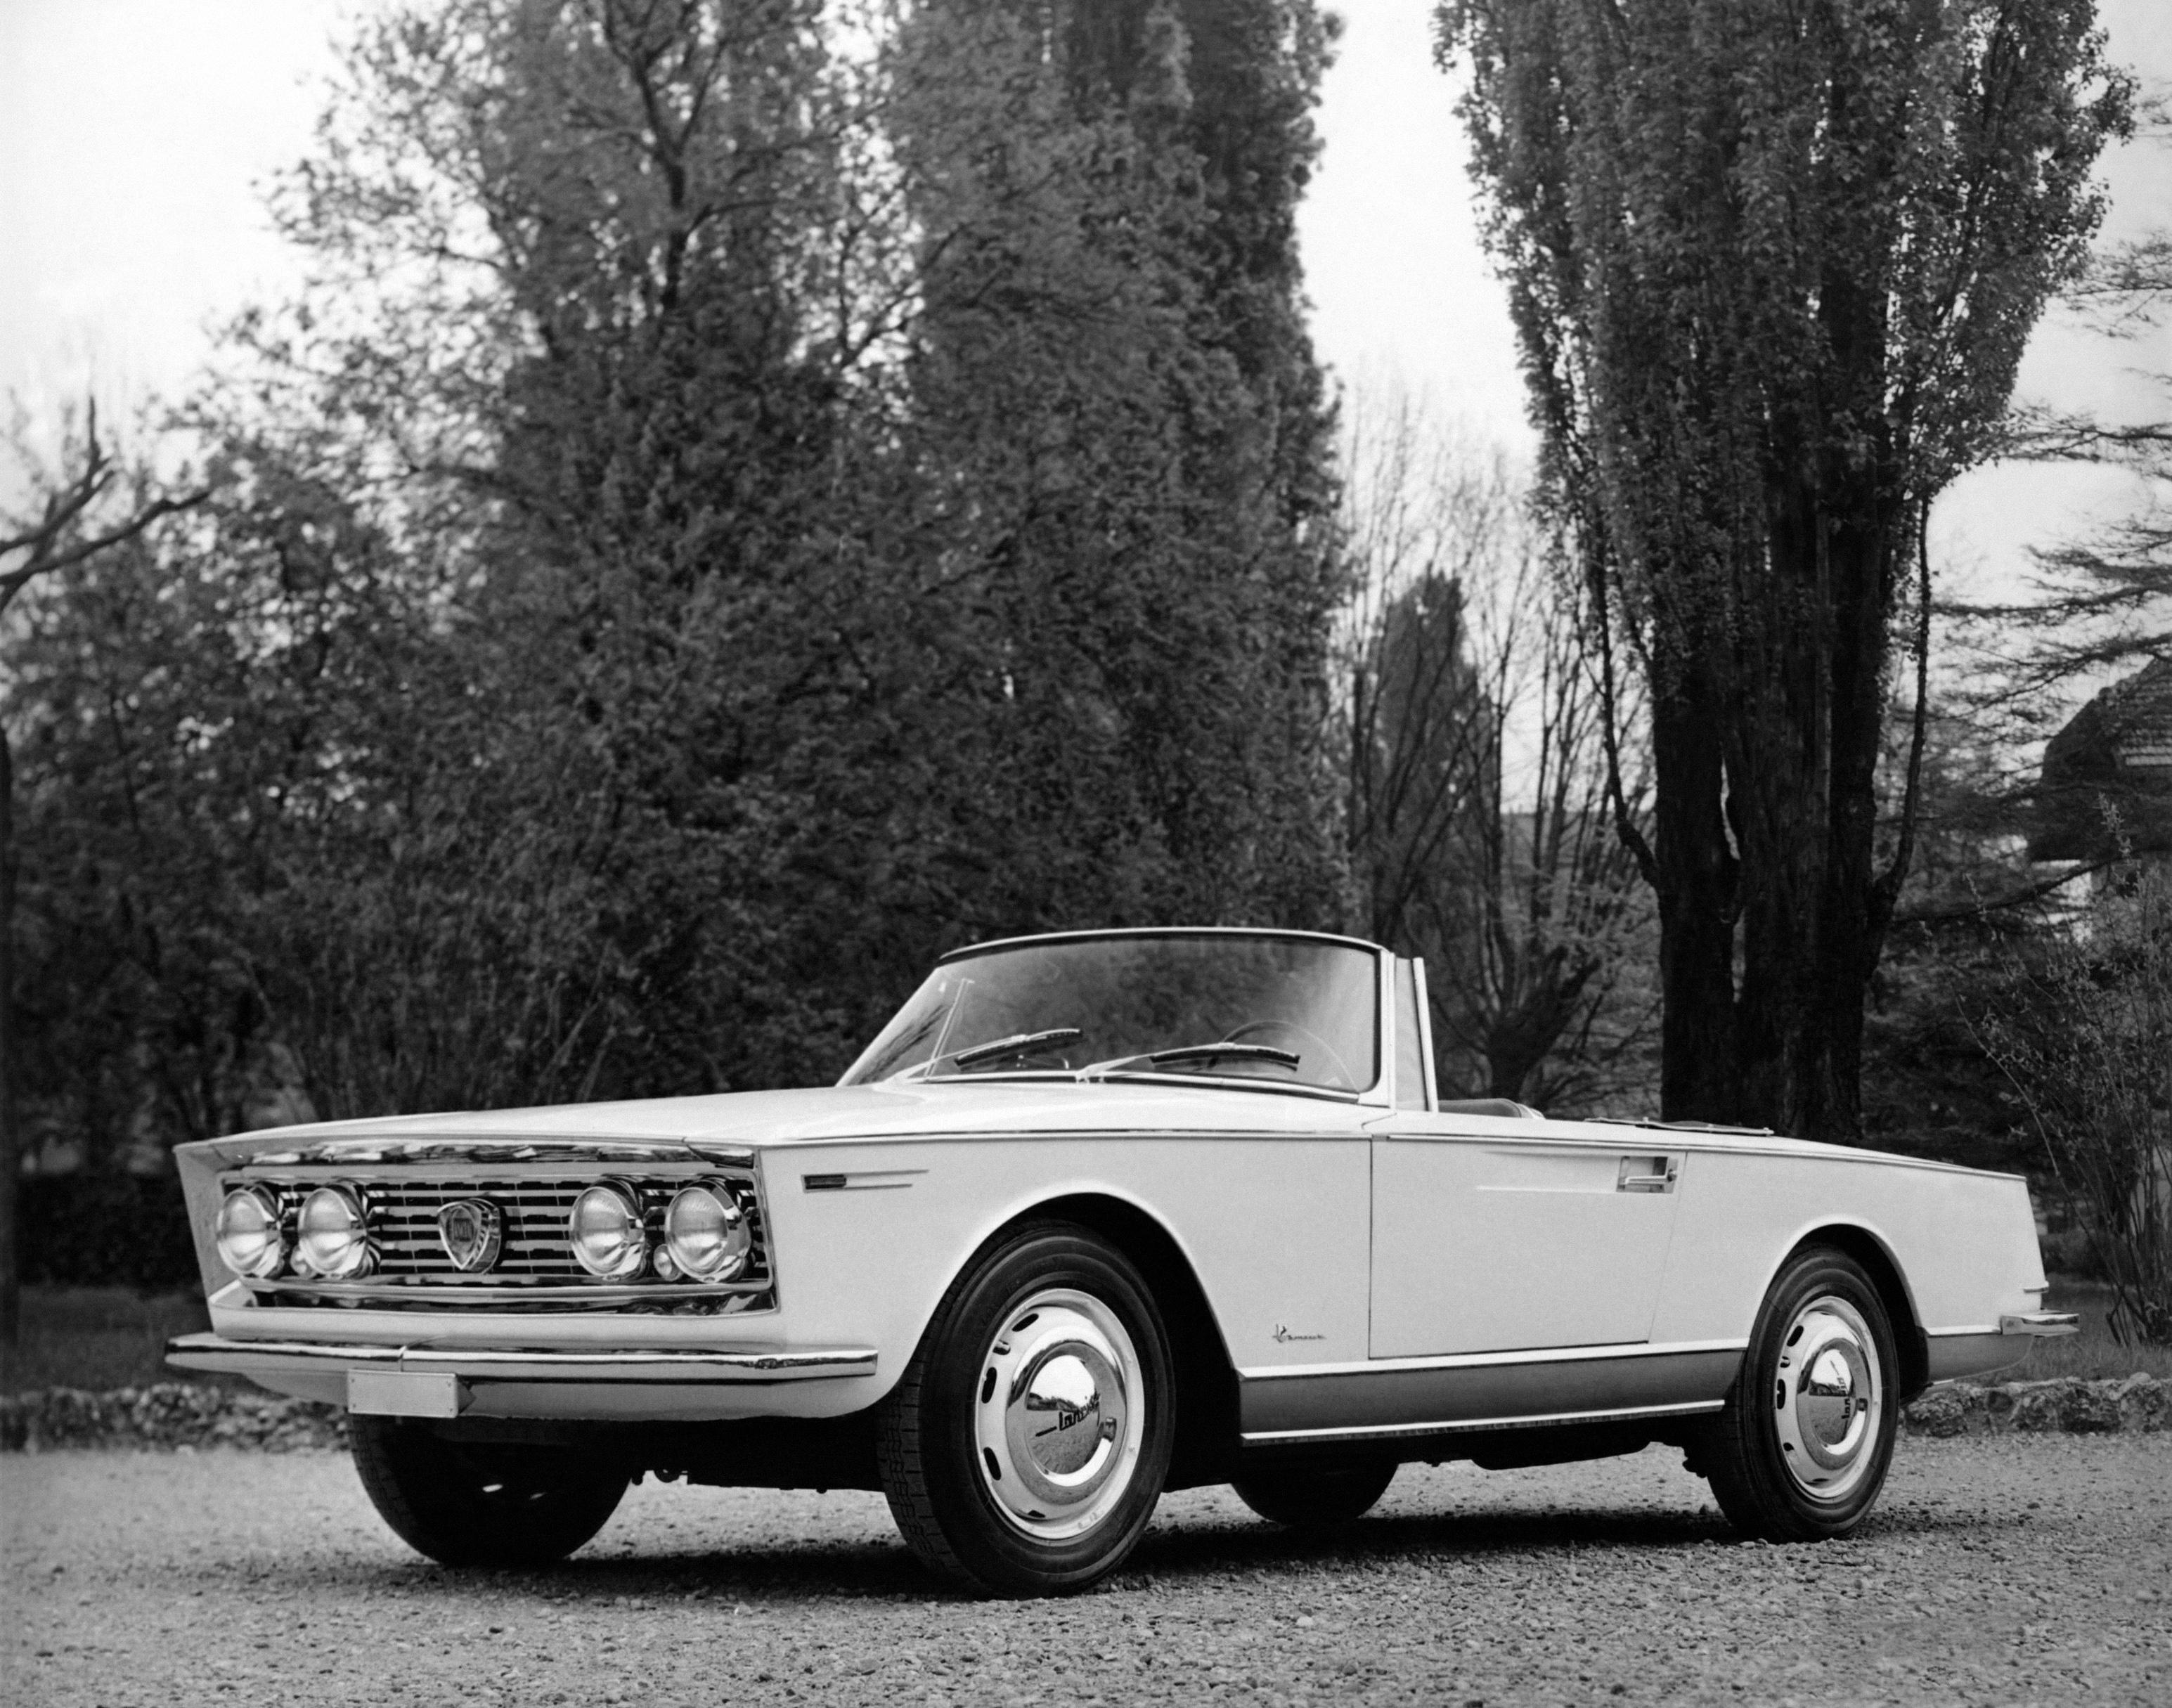 1962-Boneschi-Lancia-Flaminia-Spider-Amalfi-02